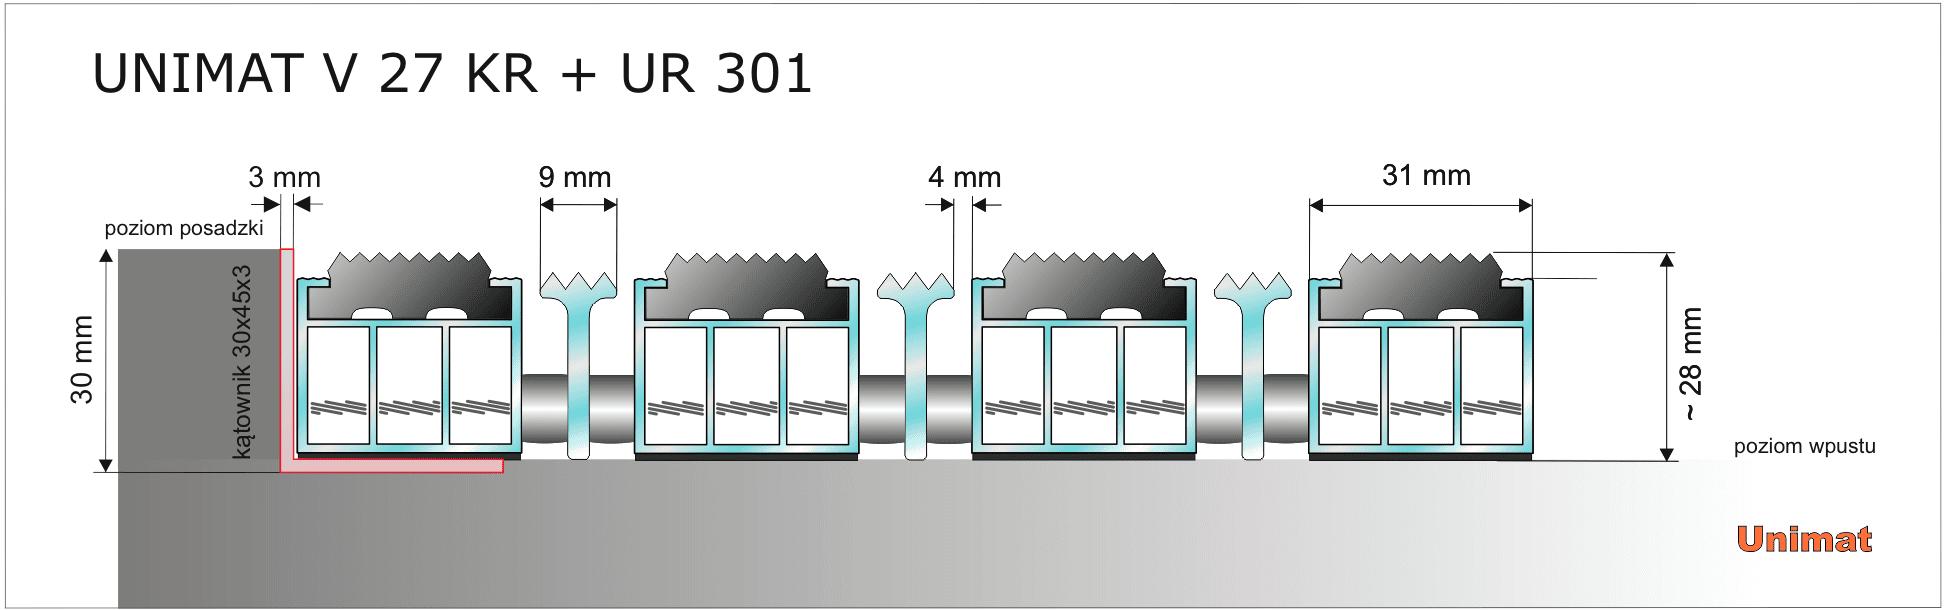 Unimat V 27 KR + UR 301.png